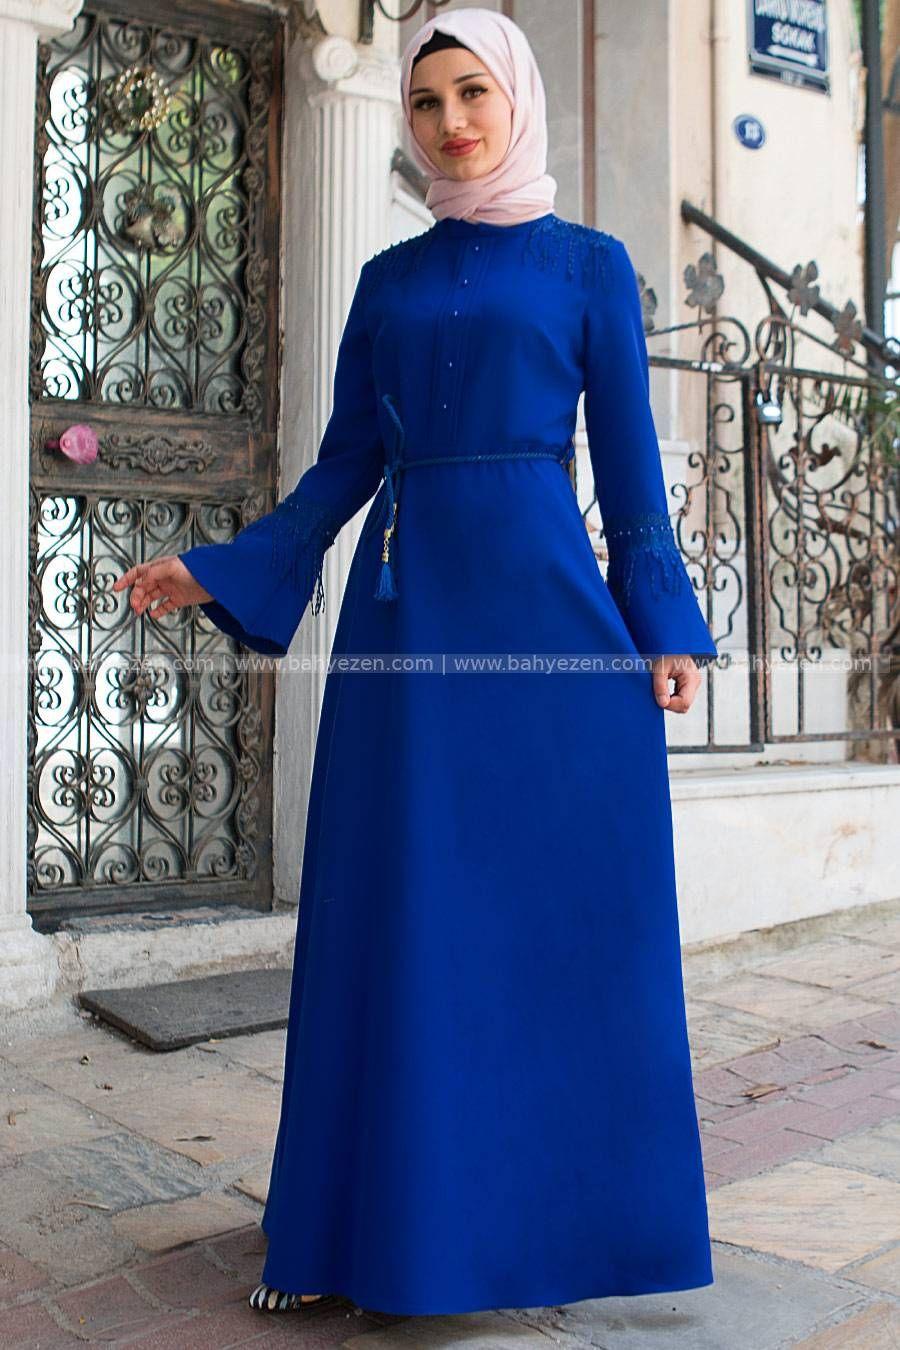 Yeni Sezon Omuz Puskullu Elbise Saks Fahima Modeli Yurt Ici Ve Yurt Disi Kargo Avantajlariyla Bahyezen Com Da Satista Tesettur Tesettur Giyim Abiye Elb Gaun